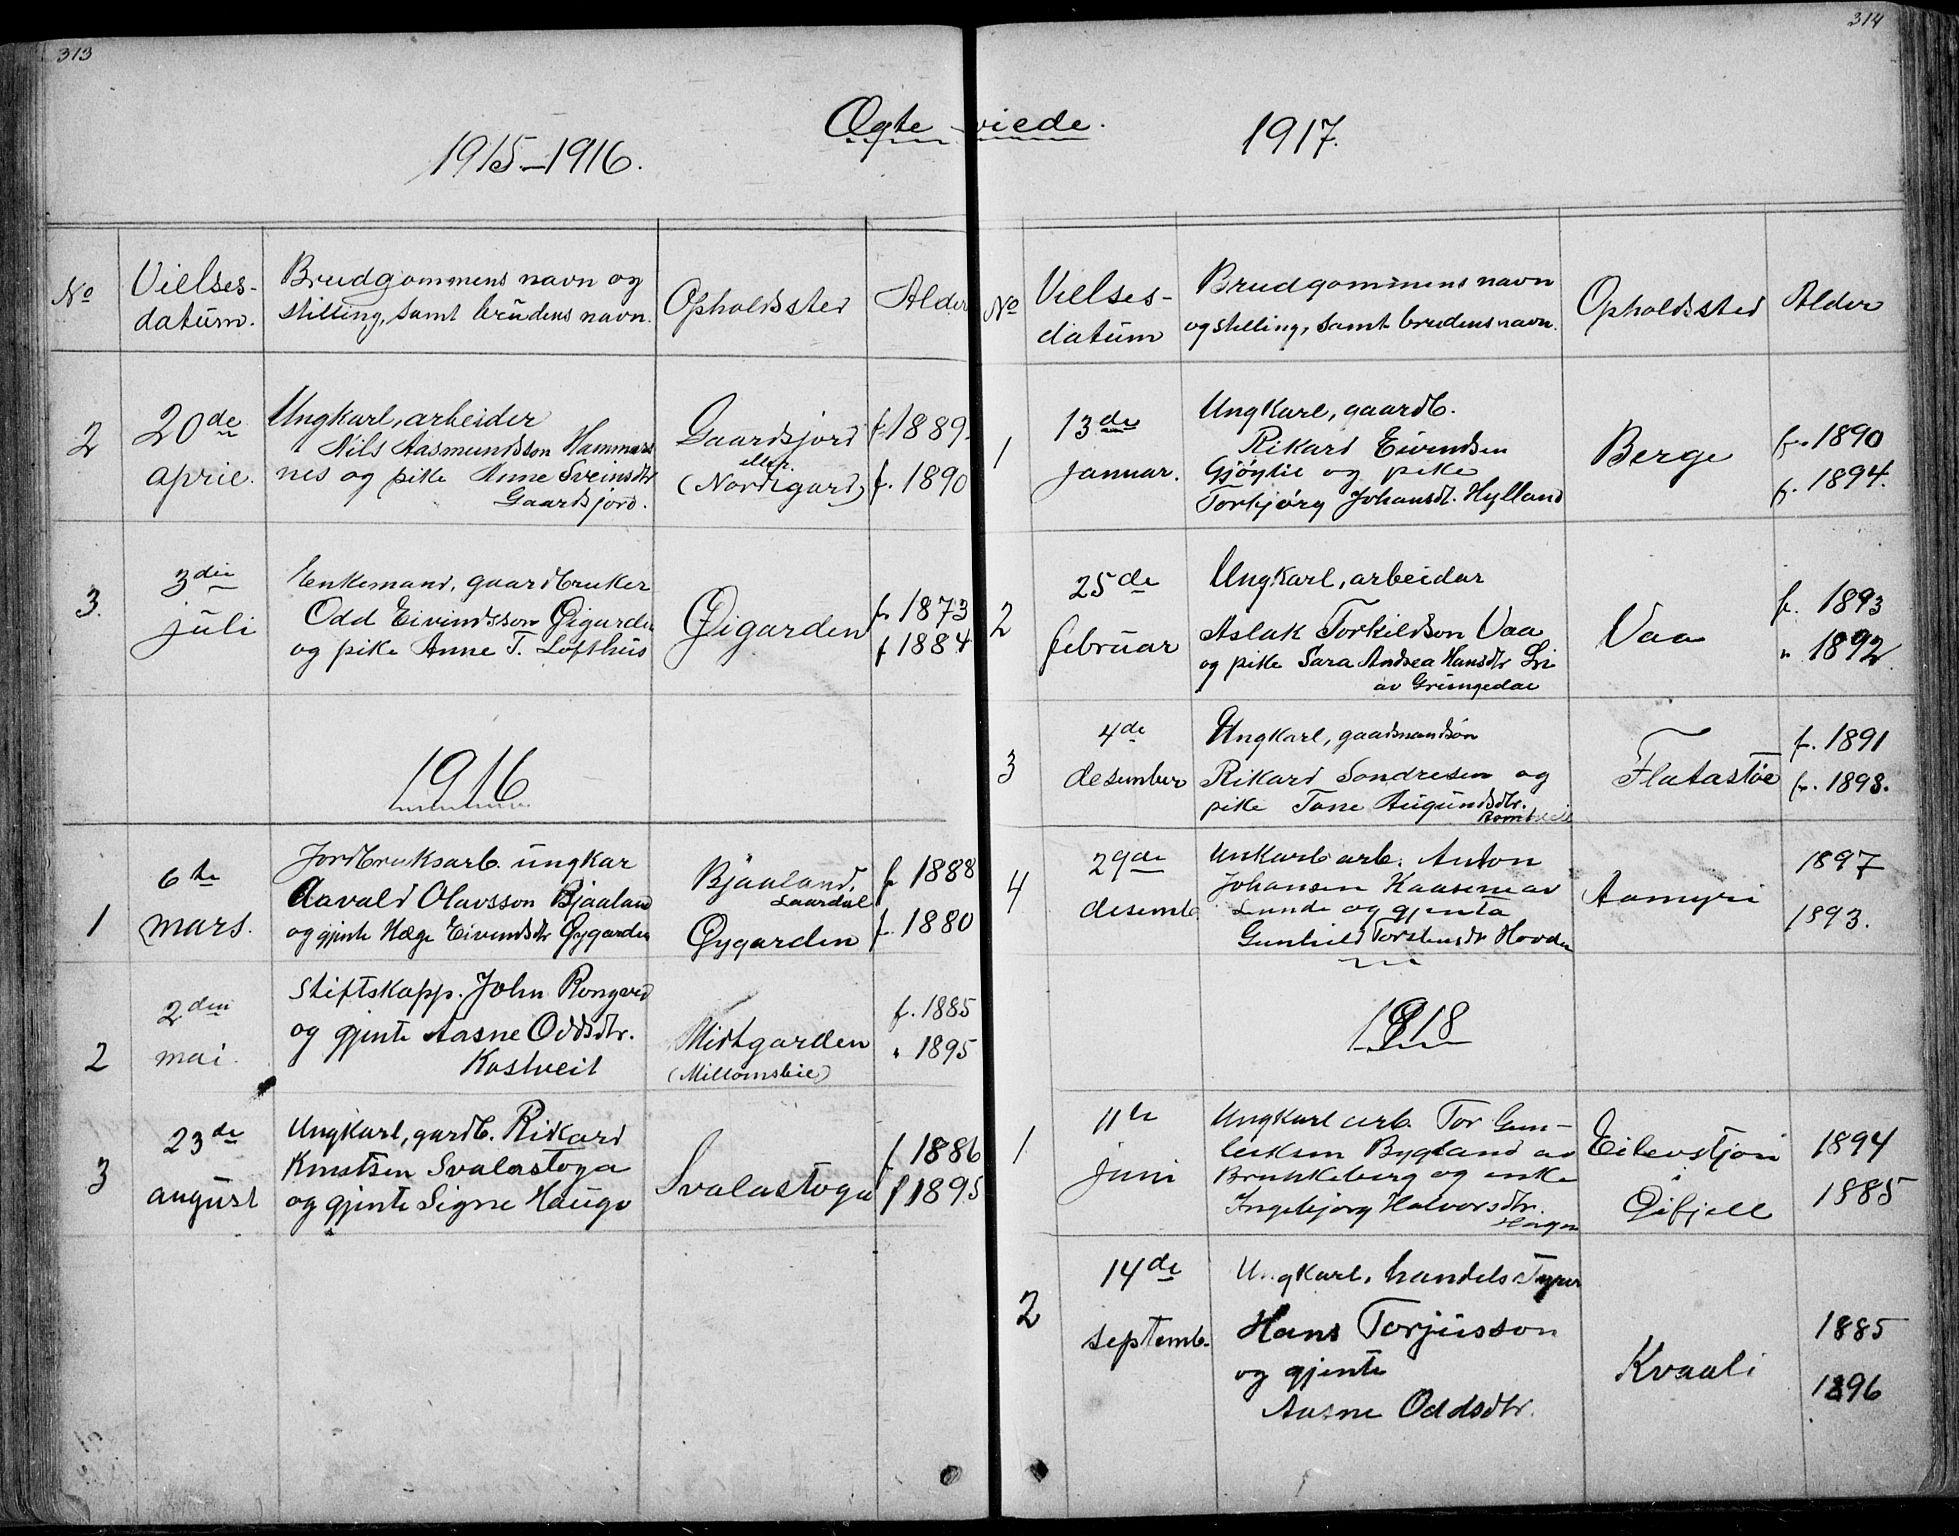 SAKO, Rauland kirkebøker, G/Ga/L0002: Klokkerbok nr. I 2, 1849-1935, s. 313-314